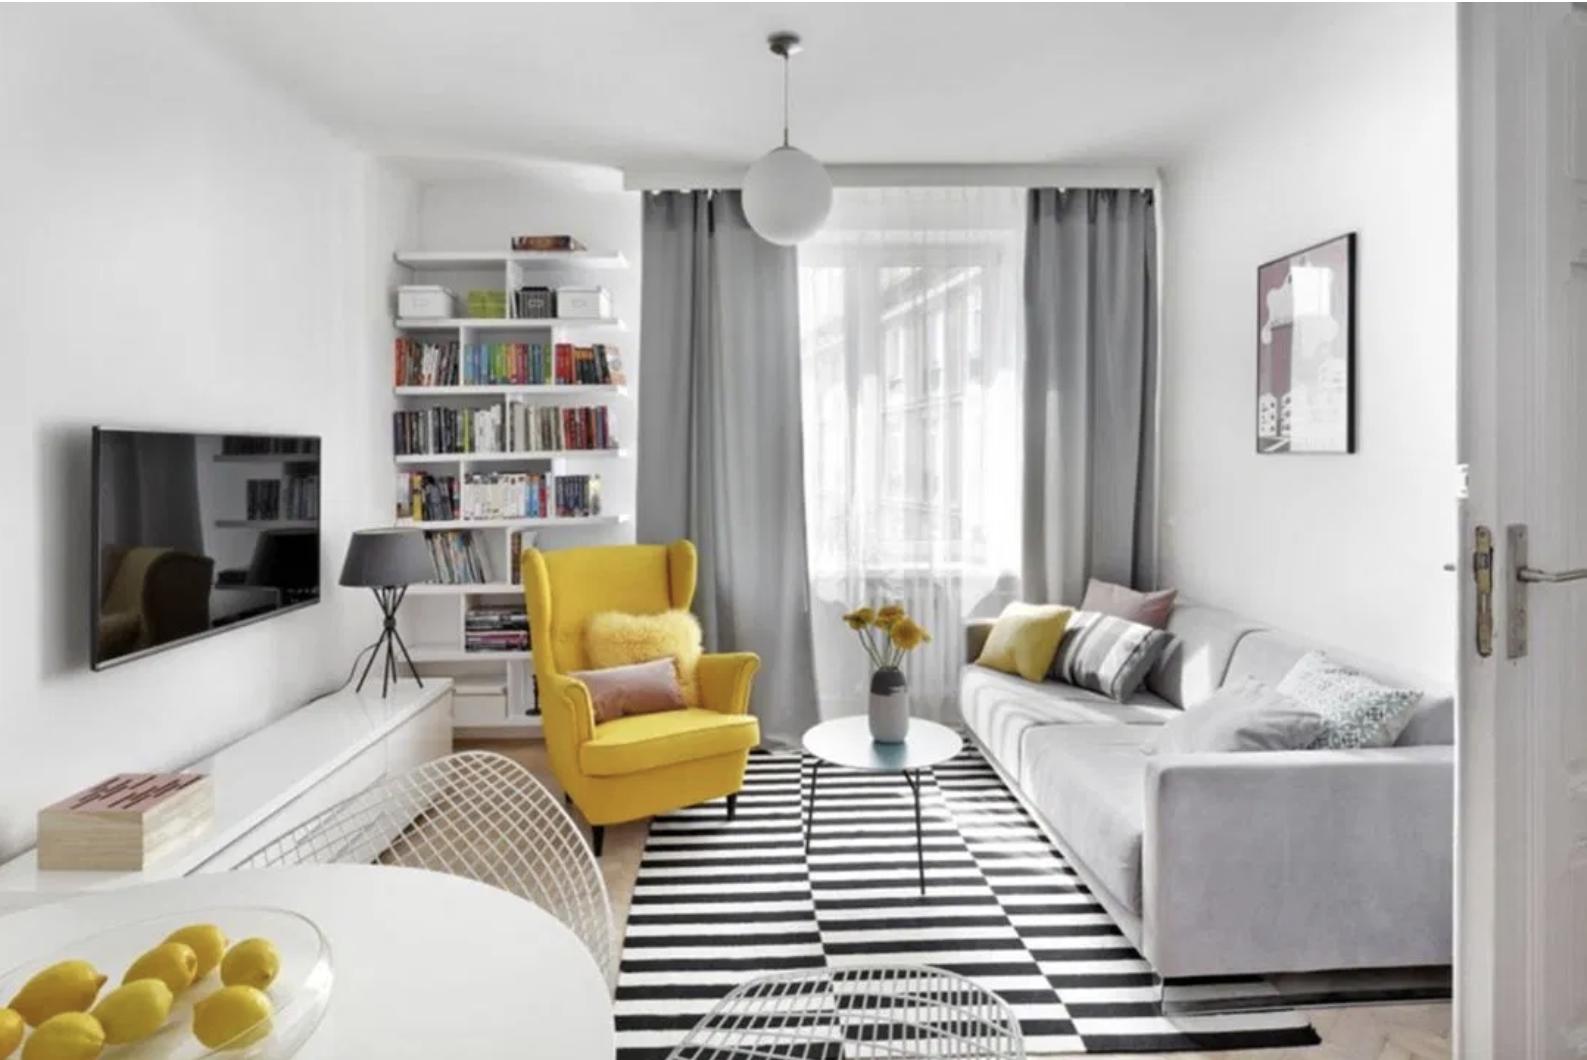 Kleine Räume - eine schöne Herausforderung bei der Einrichtung eines Hauses